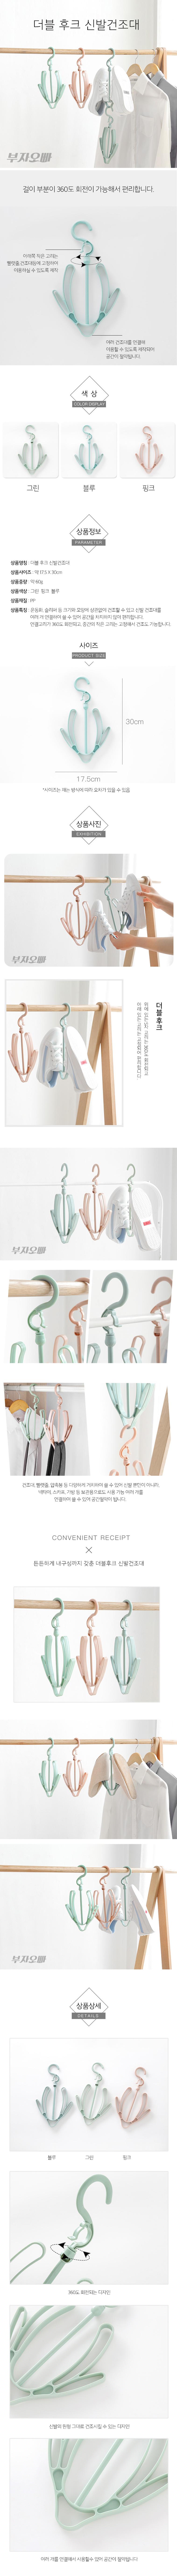 더블 후크 모자걸이 신발건조대 - 부자오빠, 1,500원, 세탁용품, 빨래건조대